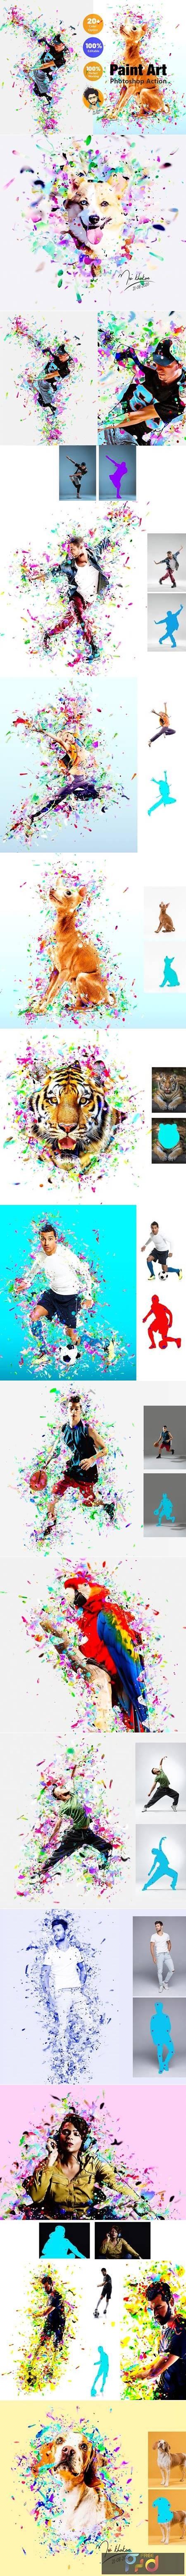 Paint Art Photoshop Action 5380821 1